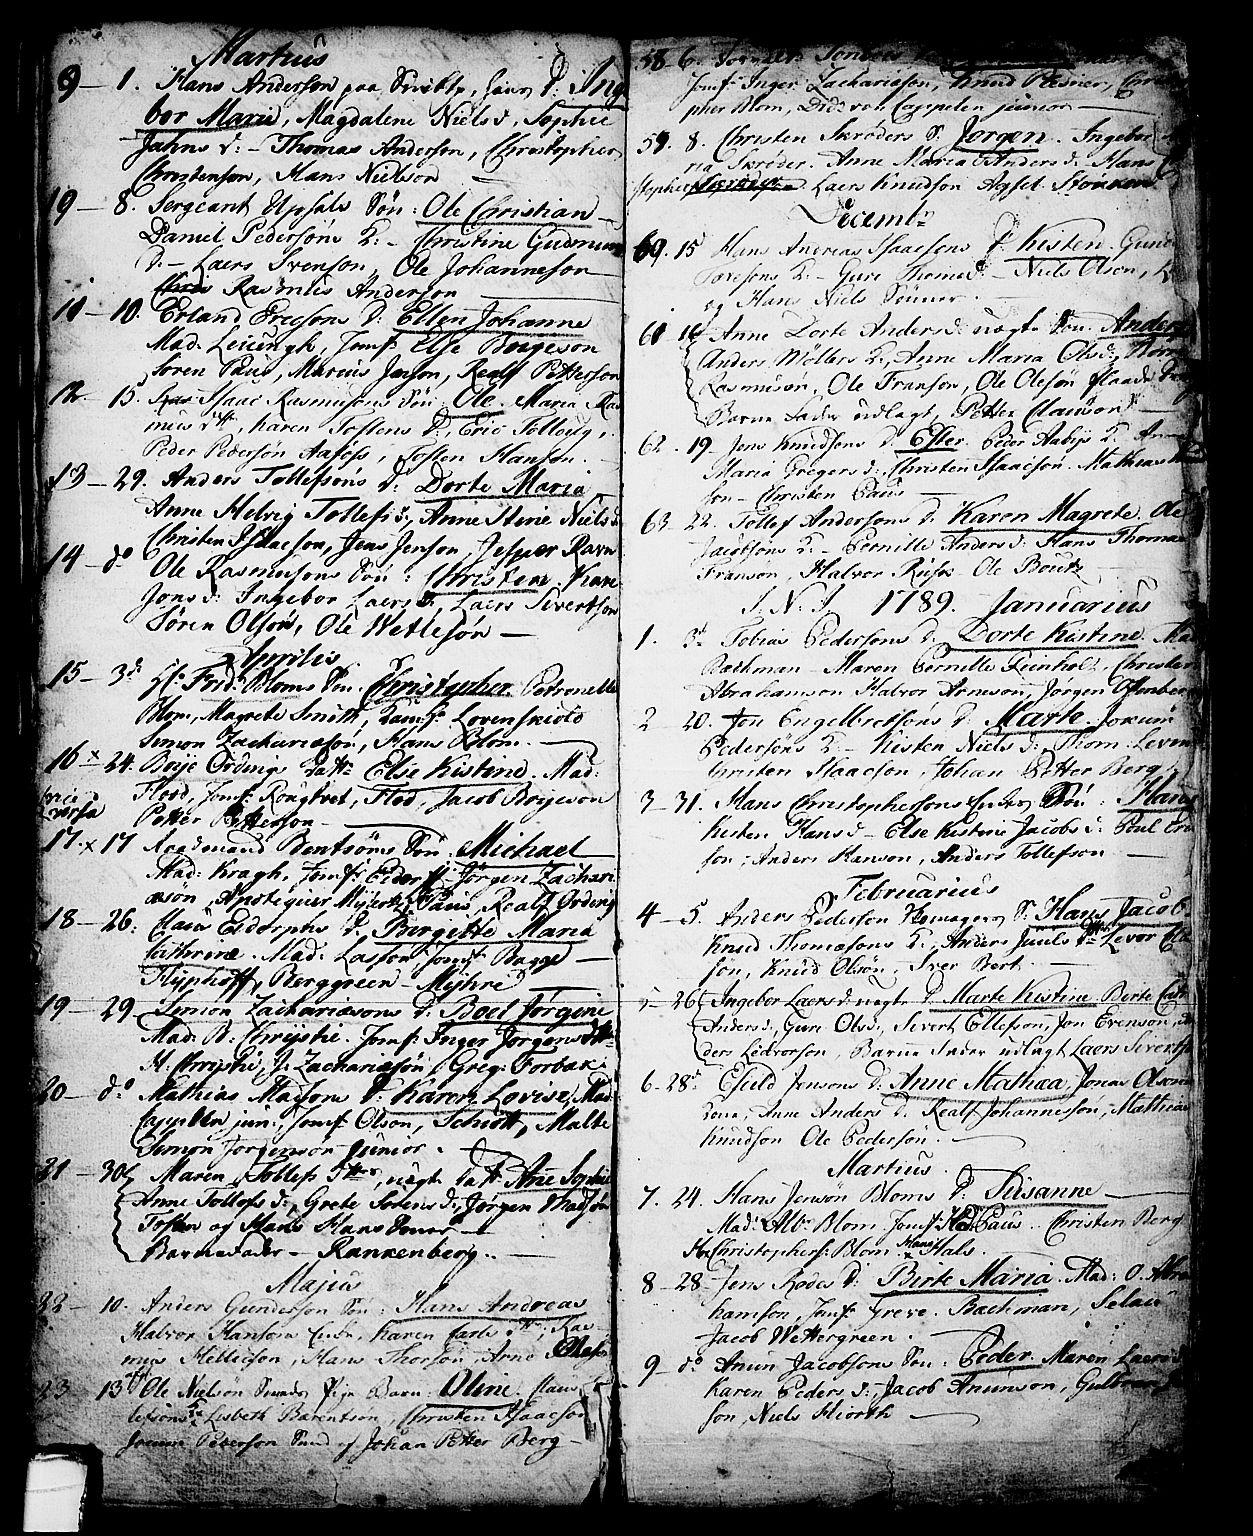 SAKO, Skien kirkebøker, G/Ga/L0001: Klokkerbok nr. 1, 1756-1791, s. 114